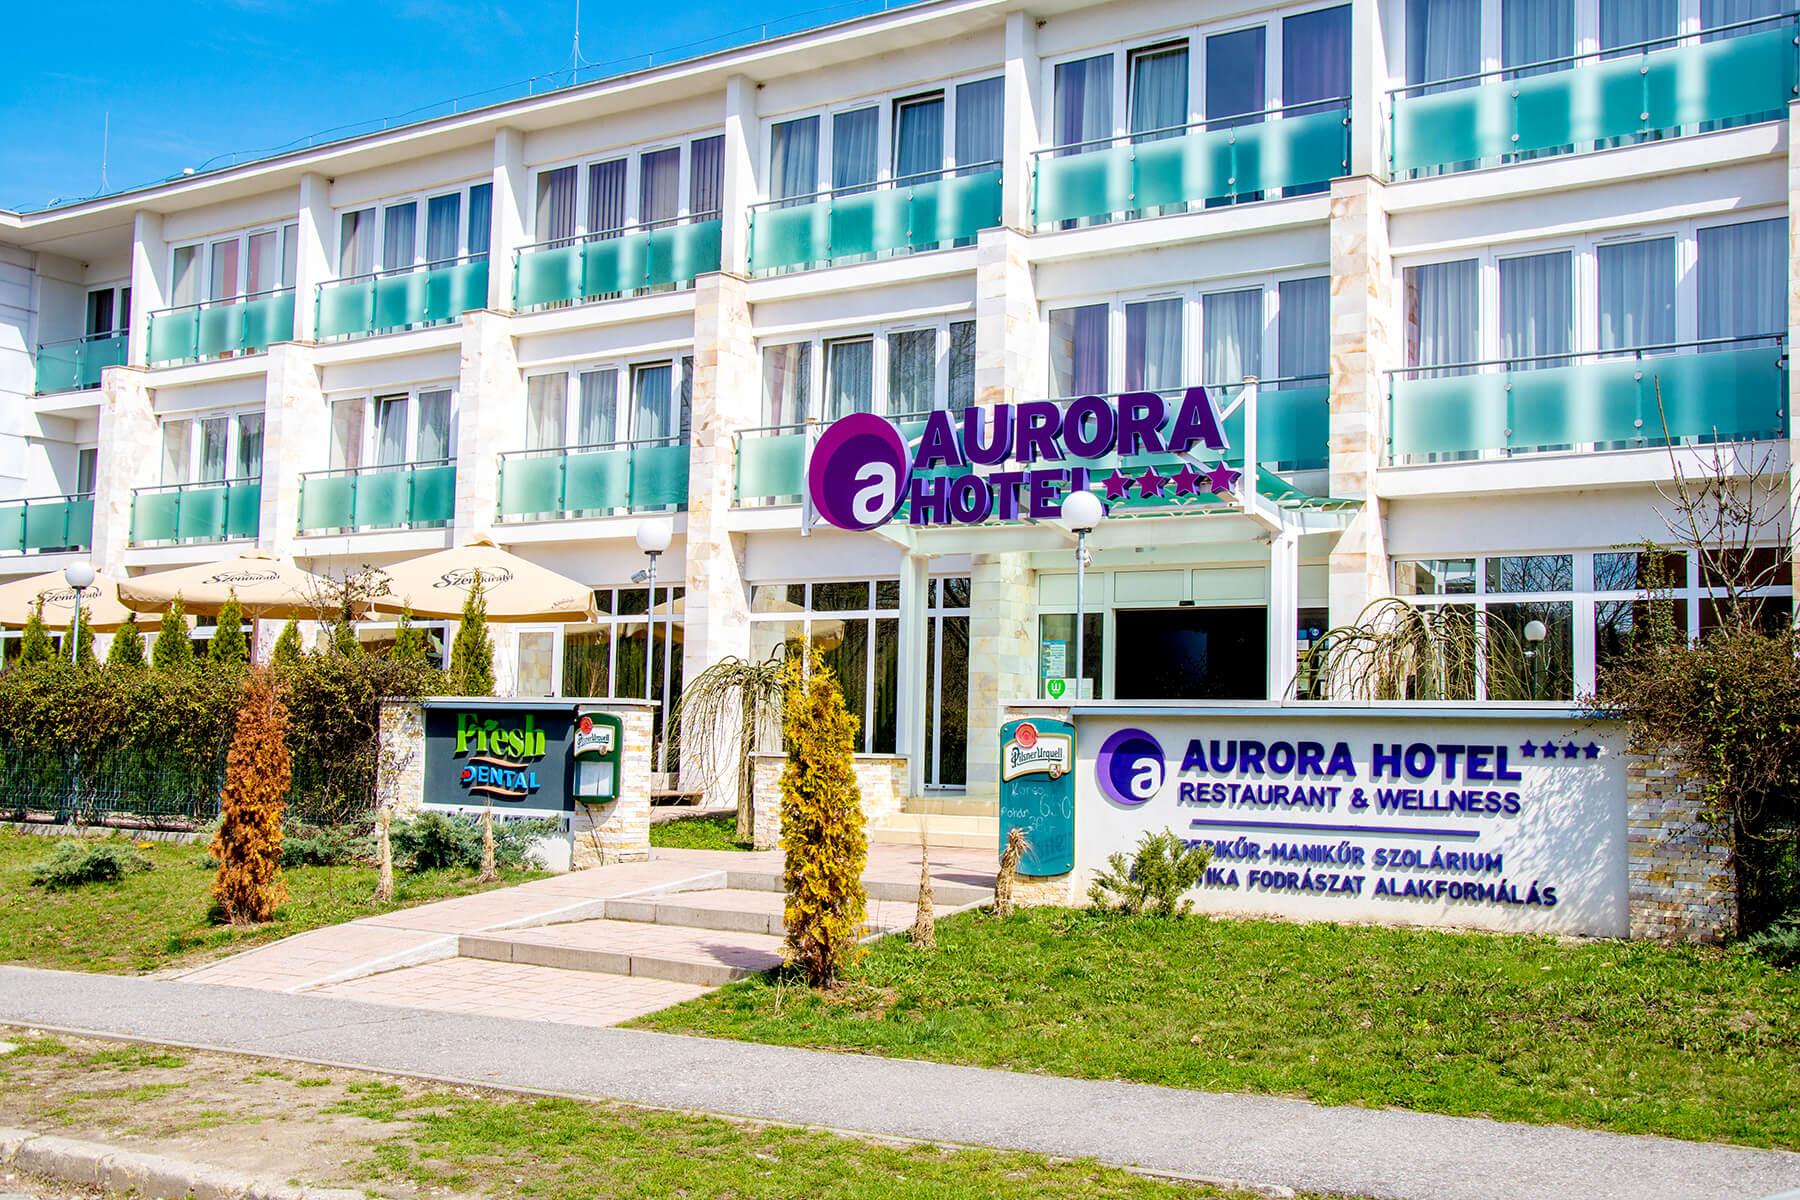 hotel-aurora3.jpg